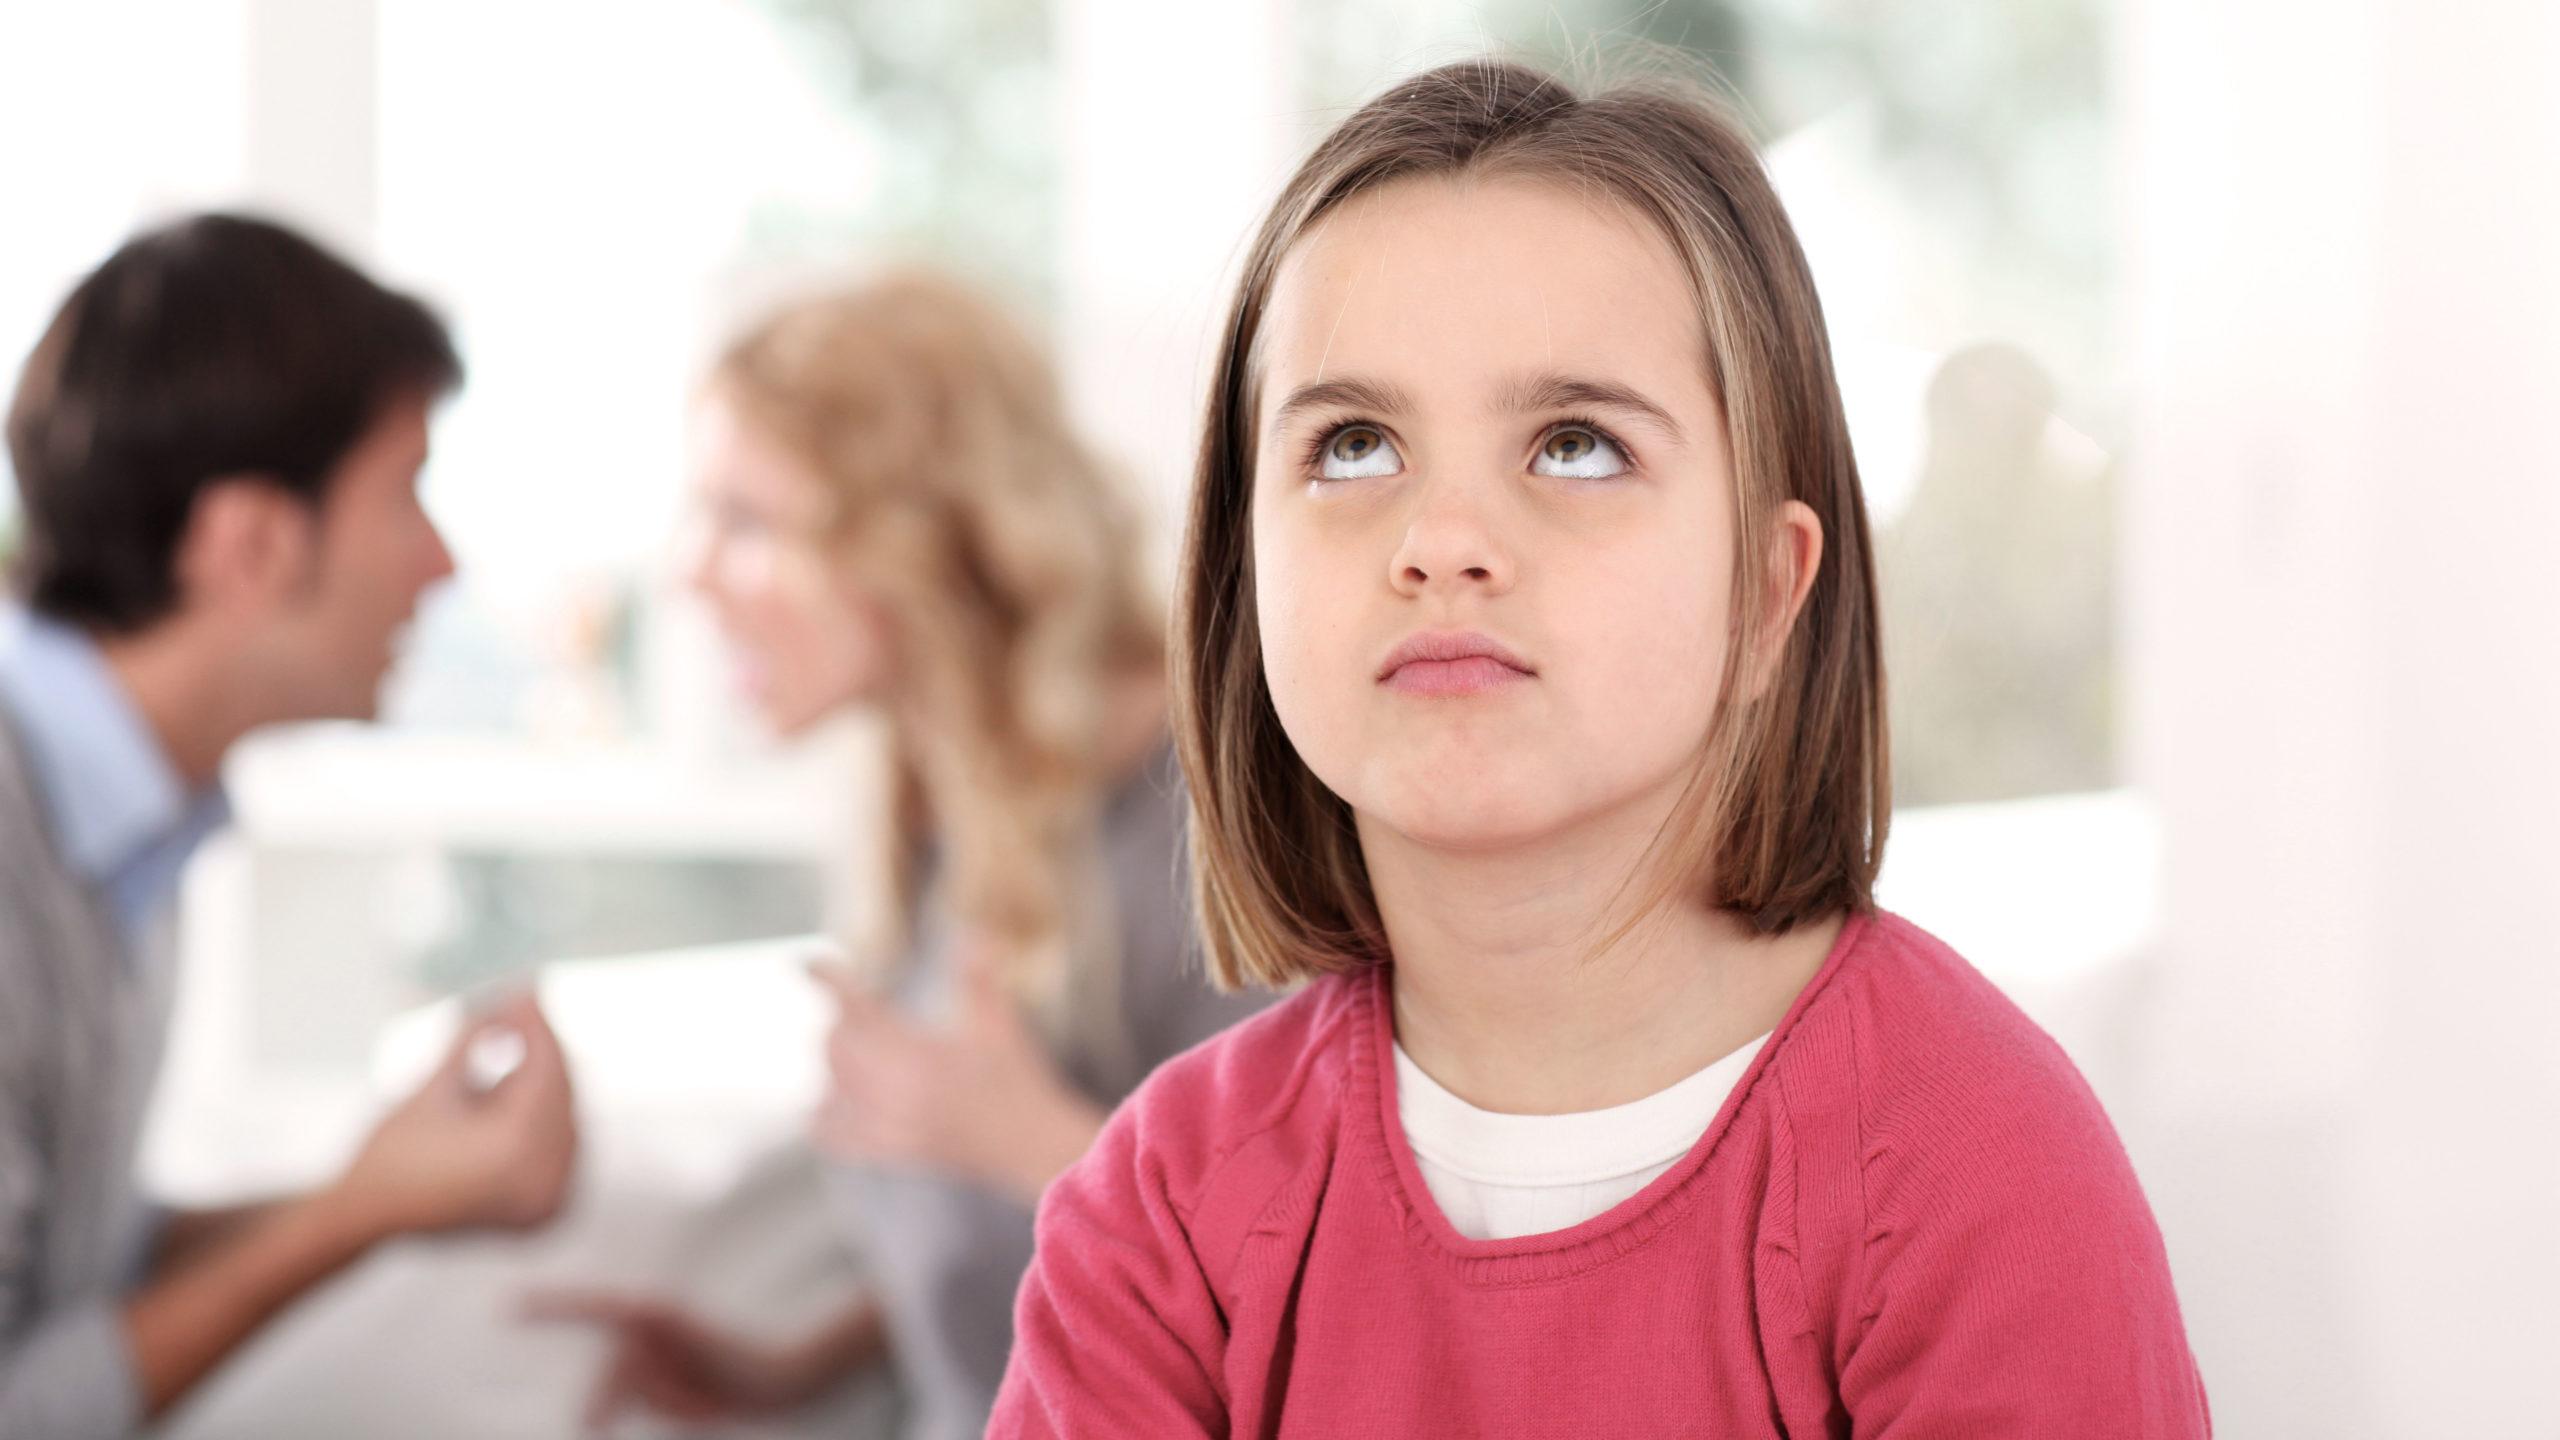 foraldre-konflikt-efter-skilsmisse-barnets-trivsel